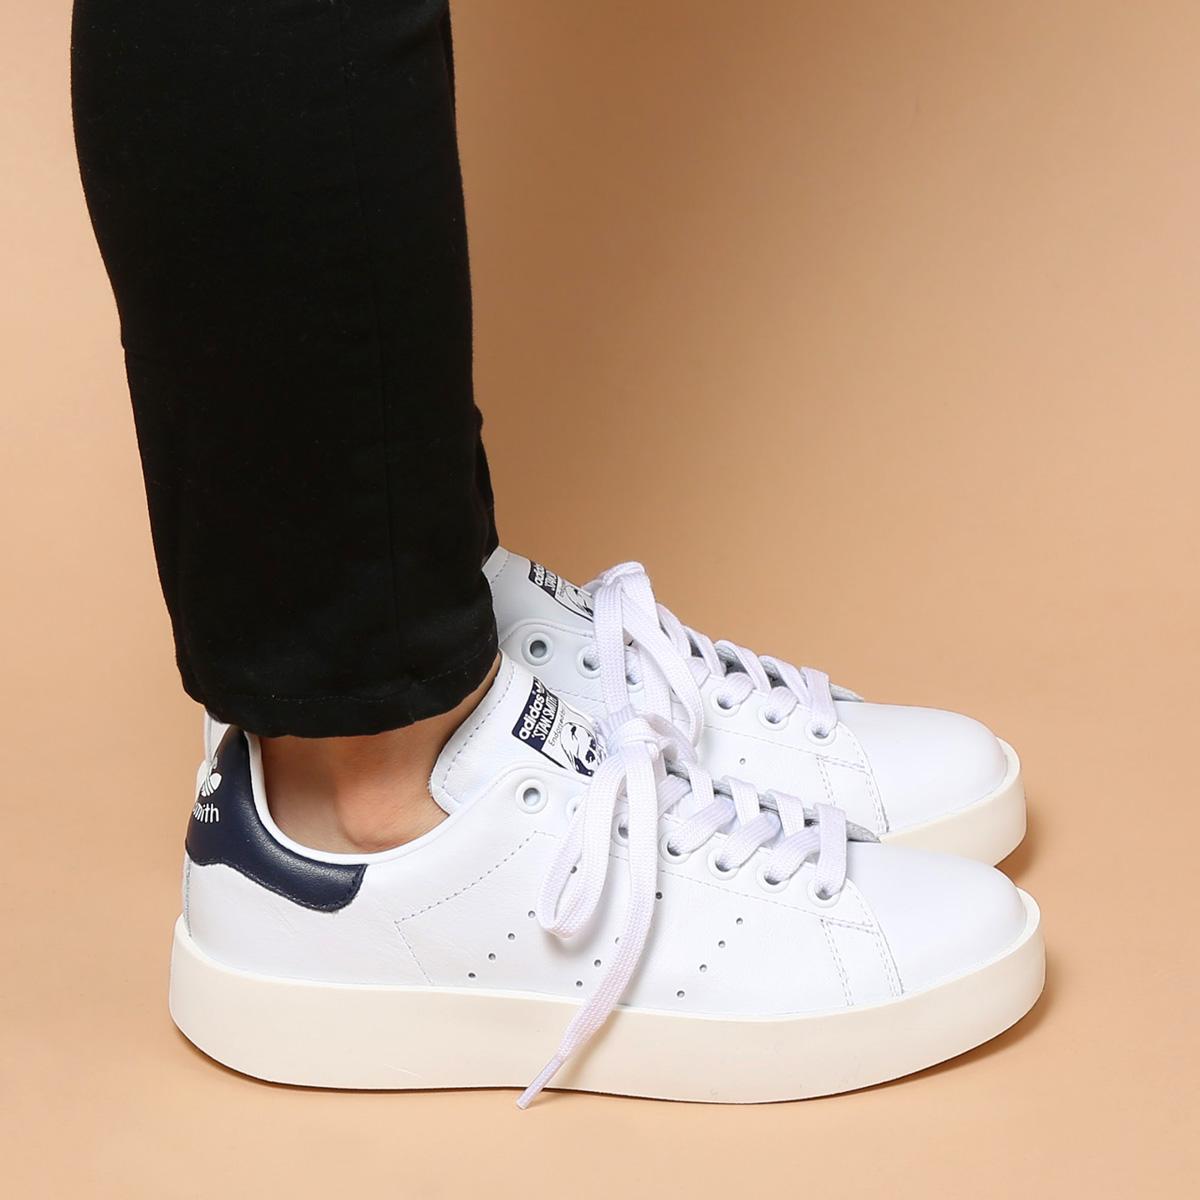 Rakuten mercado global: adidas zapatos 60items.